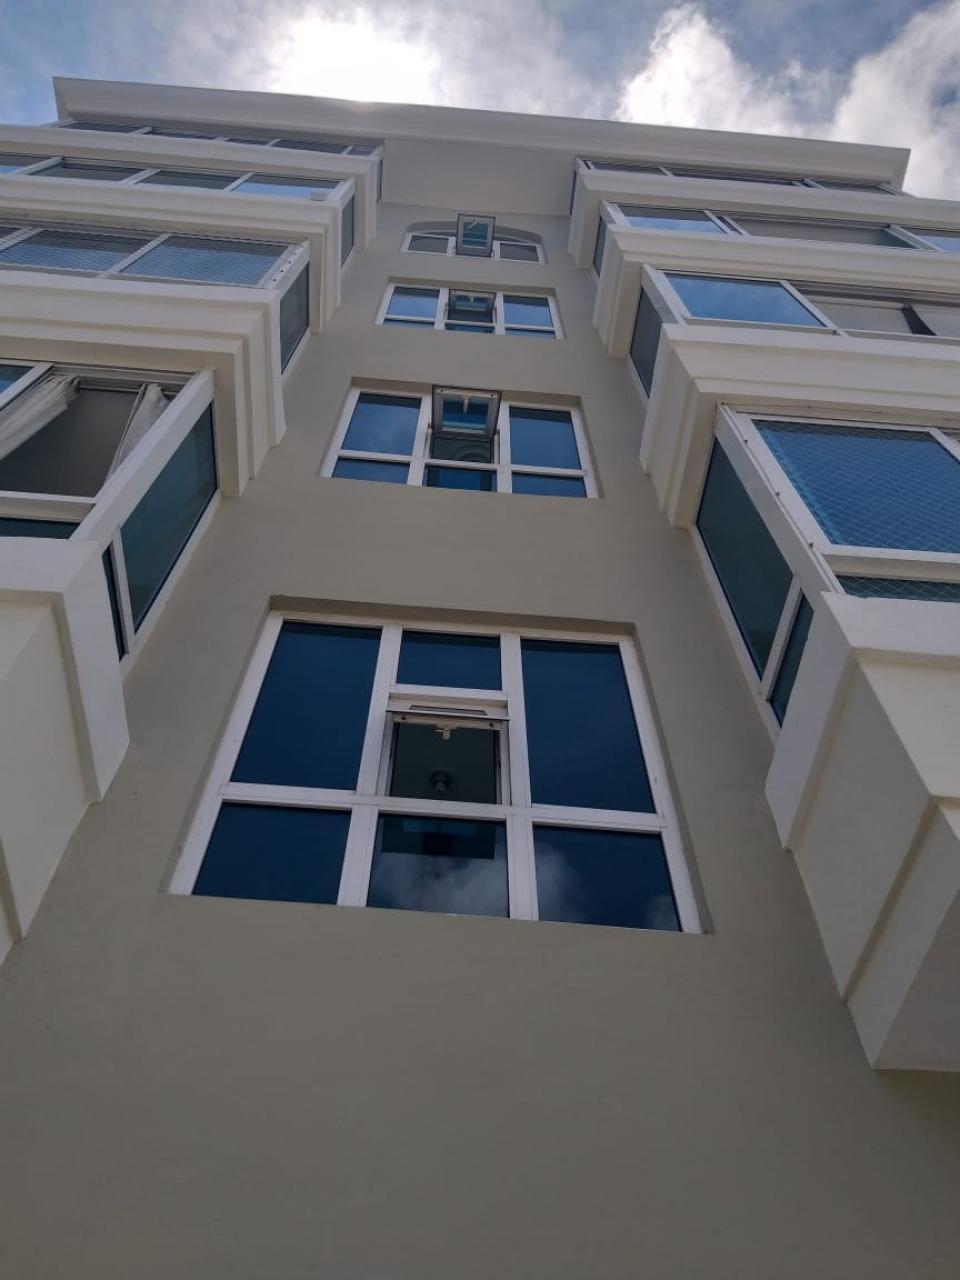 Apartamento en venta en el sector EL MILLÓN precio RD$ 6,300,000.00 RD$6,300,000